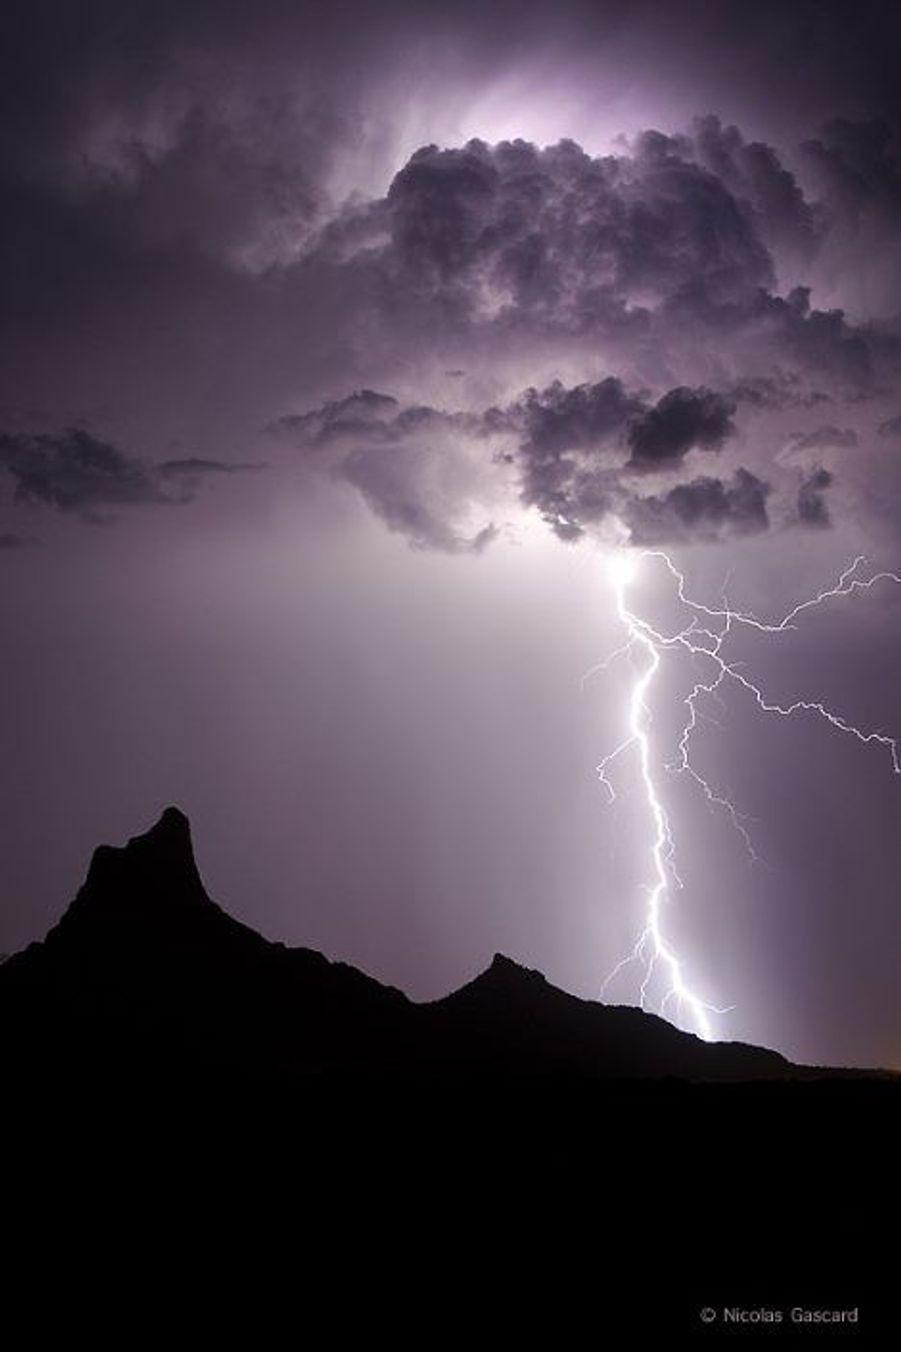 """Une violente illumination intranuageuse provoque un coup de foudre près du célèbre Picacho.A 33 ans, Nicolas Gascard, a consacré 18 ans de sa vie à traquer lafoudre. Il a parcouru plus de 400 000 kilomètres à travers le monde pour capturer le plus puissant et le plus rapide des phénomènes climatiques : le courant se propage à près de 100 000 km/s et la décharge peut atteindre 100 millions de volts. De cette passion est né un livre magnifique, «Foudre lumière et furie», paru le 17 novembre. Il nous confie l'origine de sa fascination pour l'attribut de Jupiter tonnant.«Enfant, en 1988, j'ai vu la foudre tomber sur le clocher du village et le coq de la girouette exploser.Quelques années plus tard, en 1993, j'ai assisté à une autretempêtequi s'est déchaînée sur la commune causant des dégâts considérables. Ces deux évènements ont forgé ma vocation. Je suis fasciné par cette puissance démentielle qui nous renvoie à la fragilité de la condition humaine. On se sent minuscule face à cette force. On ne peut rien contre la foudre qui frappe au tiers de la vitesse de la lumière. La photographie n'est finalement qu'un moyen d'assouvir ma première passion, la foudre. Je ne suis pas un chasseur de tempête mais un traqueur d'éclairs. Il y a des risques, bien sûr: j'ai déjà senti mes cheveux se hérisser car la foudre avait frôlé mon crâne. Quelques centimètres plus bas et je ne serais plus là pour en parler. Mais en définitive le danger le plus important est celui de l'accident de voiture. Je poursuis les orages dans des conditions de conduite souvent apocalyptiques.Pour prendre mes photos à peu près à l'abri, je me suis construit une planche fixée à l'intérieur de ma voiture en laissant les vitres ouvertes.Mon but est de me rapprocher le plus possible du point d'impact. Mon record est de 80 mètres en photo et de 50 mètres en vidéo...»""""Foudre, Lumière & Furie"""" sorti le 17 novembre auto édition 84 pages sur papier moderne couché satimat édition limitée à 600 exemplairesLa page Facebo"""